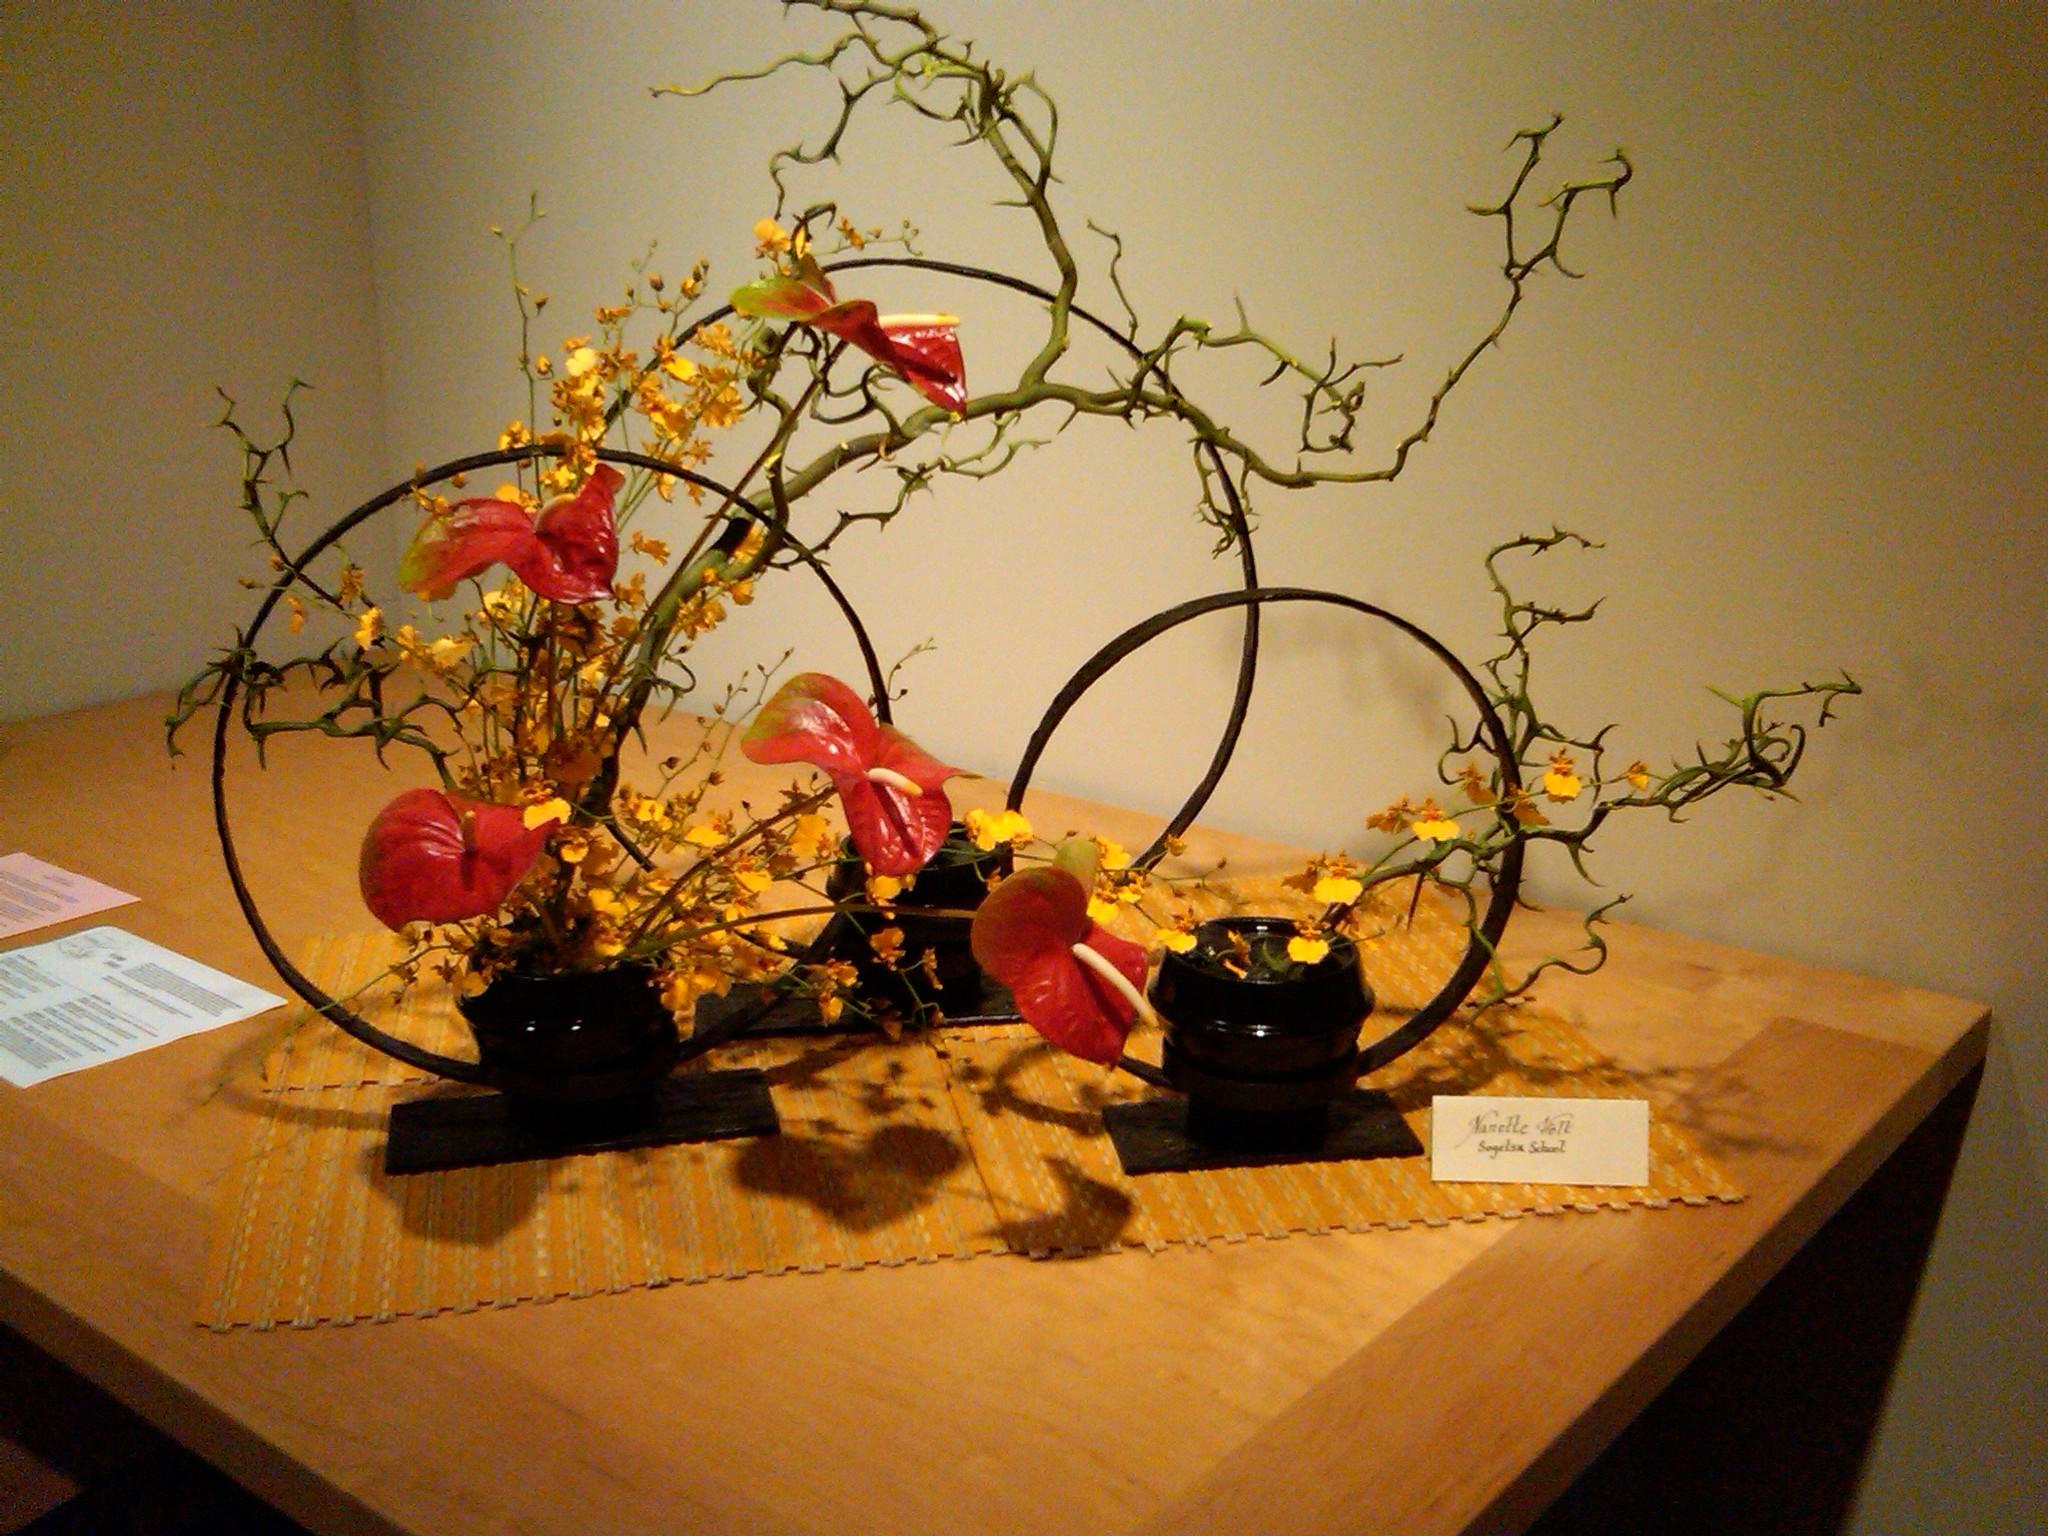 День рождения в японском стиле своими руками дома